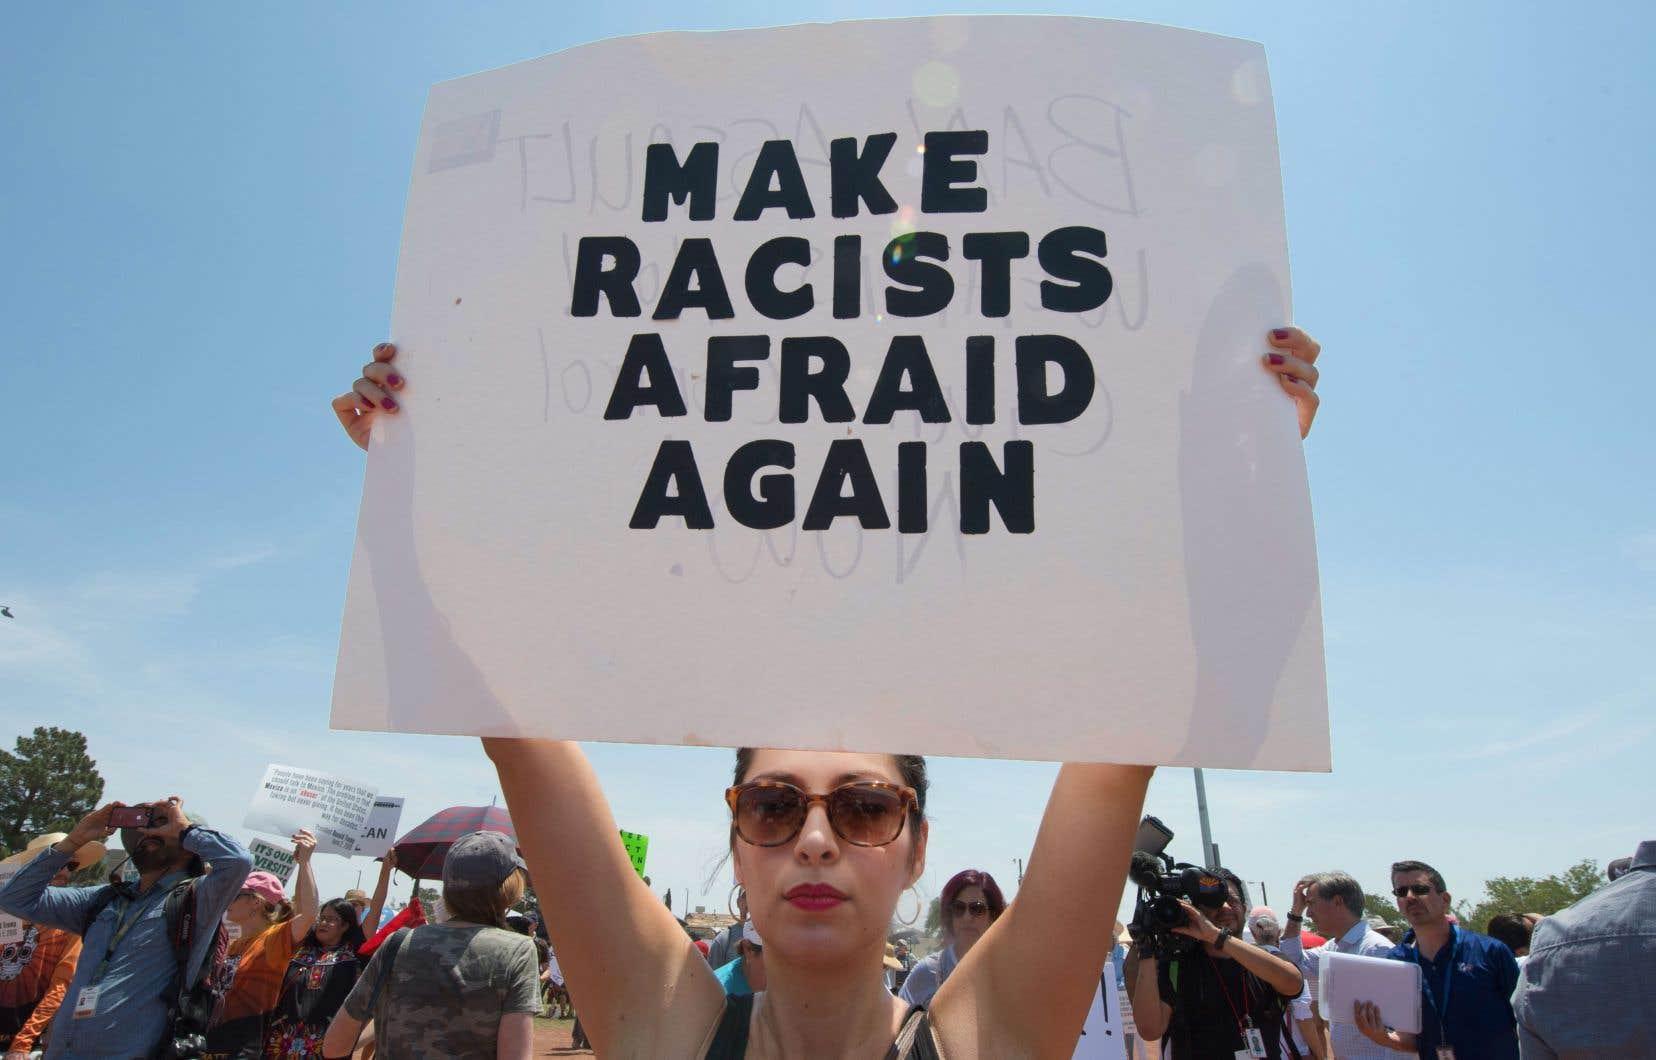 Avant même l'arrivée du président mercredi, des centaines de personnes se sont rassemblées dans un parc d'El Paso, au Texas.